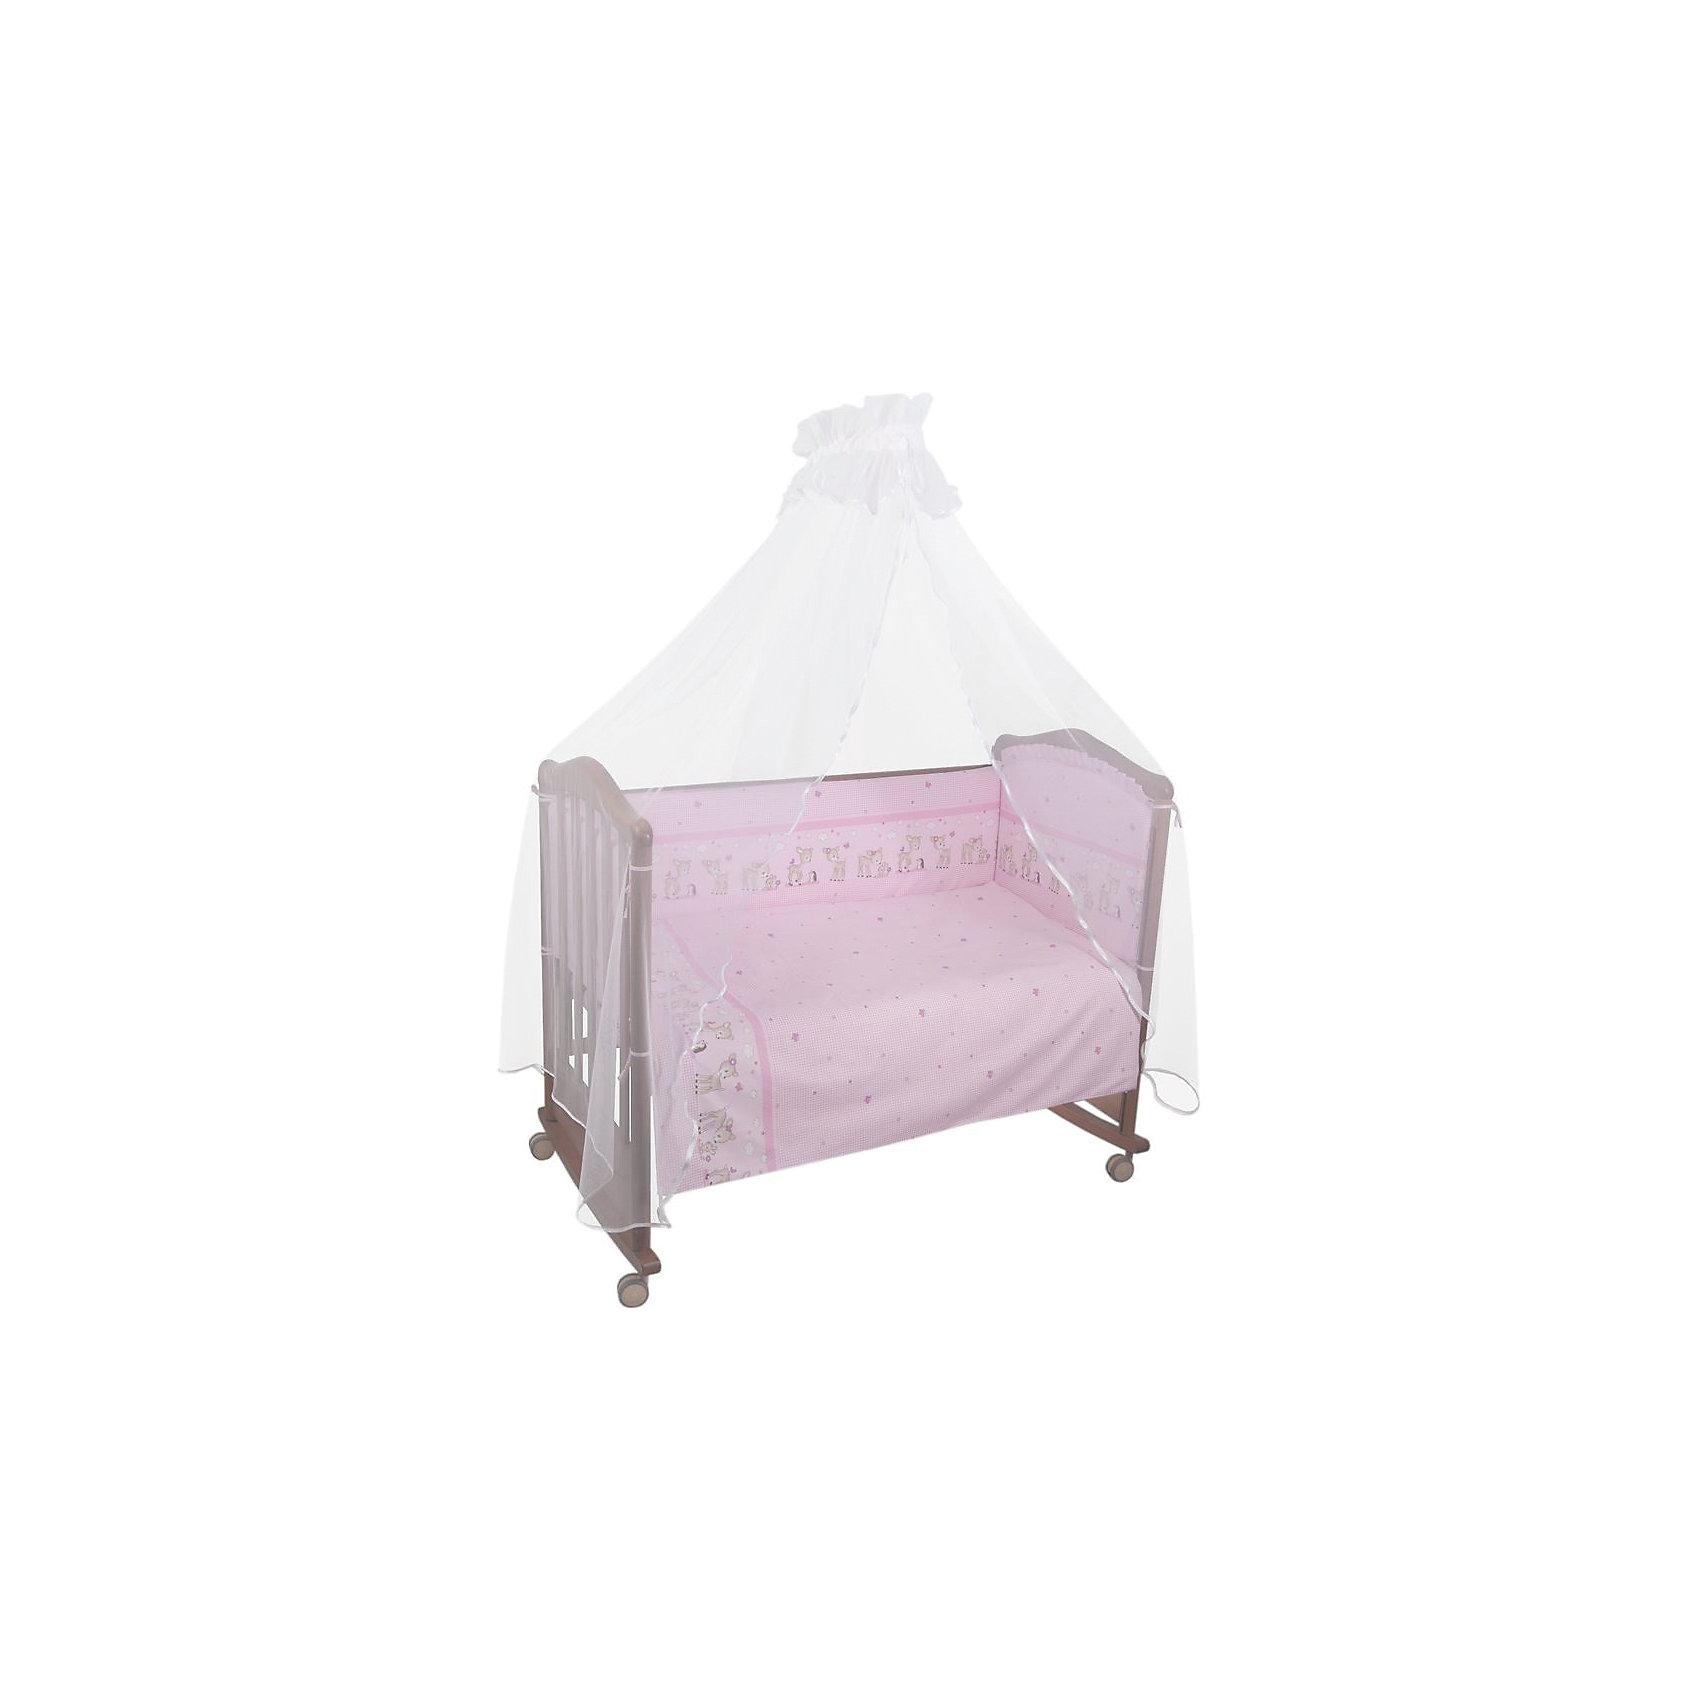 Борт Оленята, Сонный гномик, розовыйБорт Оленята, Сонный гномик, розовый - прекрасно подойдет для кроватки вашего малыша, добавит комнате уюта и согреет в прохладные дни.<br>Борт «Оленята» обеспечит Вашему малышу комфорт и безопасность. Борт защитит младенца от сквозняков, пыли и солнца, а когда малыш подрастет и начнет активно двигаться и вставать в кроватке - убережет от возможных ушибов и травм. Кроме того, борт способствует более быстрому засыпанию, поскольку малыша ничего не будет отвлекать извне. Бортик выполнен в привлекательном для ребенка дизайне с нежной розовой расцветкой и украшен изображениями милых оленят. Высокий борт состоит из четырех частей, легко крепится по всему периметру кроватки при помощи текстильных завязок. Материал съемной обшивки - нежная бязь из самой тонкой нити, 100% хлопок безупречной выделки. Мягкая и приятная на ощупь ткань, не вызывает аллергии и хорошо пропускает воздух. Деликатные швы рассчитаны на прикосновение к нежной коже ребёнка. Наполнитель - холлофайбер - гипоаллергенный мягкий, легкий синтетический материал, удерживающий тепло и хорошо пропускающий воздух. Борт подходит для кроватки размером 120 х 60 см.<br><br>Дополнительная информация:<br><br>- Цвет: розовый<br>- Авторский рисунок, рассчитанный специально для малышей<br>- Чехол застегивается на пластиковую застежку-молнию и легко снимается для стирки<br>- Материал: бязь (100% хлопок), наполнитель – холлофайбер (плотность 400 г/кв.м)<br>- Соответствует OekoTex St 100 class 1 (товары для детей до двух лет)<br>- Высота: 38 см.<br>- Общая длина: 360 см.<br>- Размер упаковки: 65 х 14 х 49 см.<br>- Вес: 900 гр.<br><br>Борт Оленята, Сонный гномик, розовый можно купить в нашем интернет-магазине.<br><br>Ширина мм: 65<br>Глубина мм: 14<br>Высота мм: 49<br>Вес г: 900<br>Возраст от месяцев: 0<br>Возраст до месяцев: 48<br>Пол: Женский<br>Возраст: Детский<br>SKU: 4633118